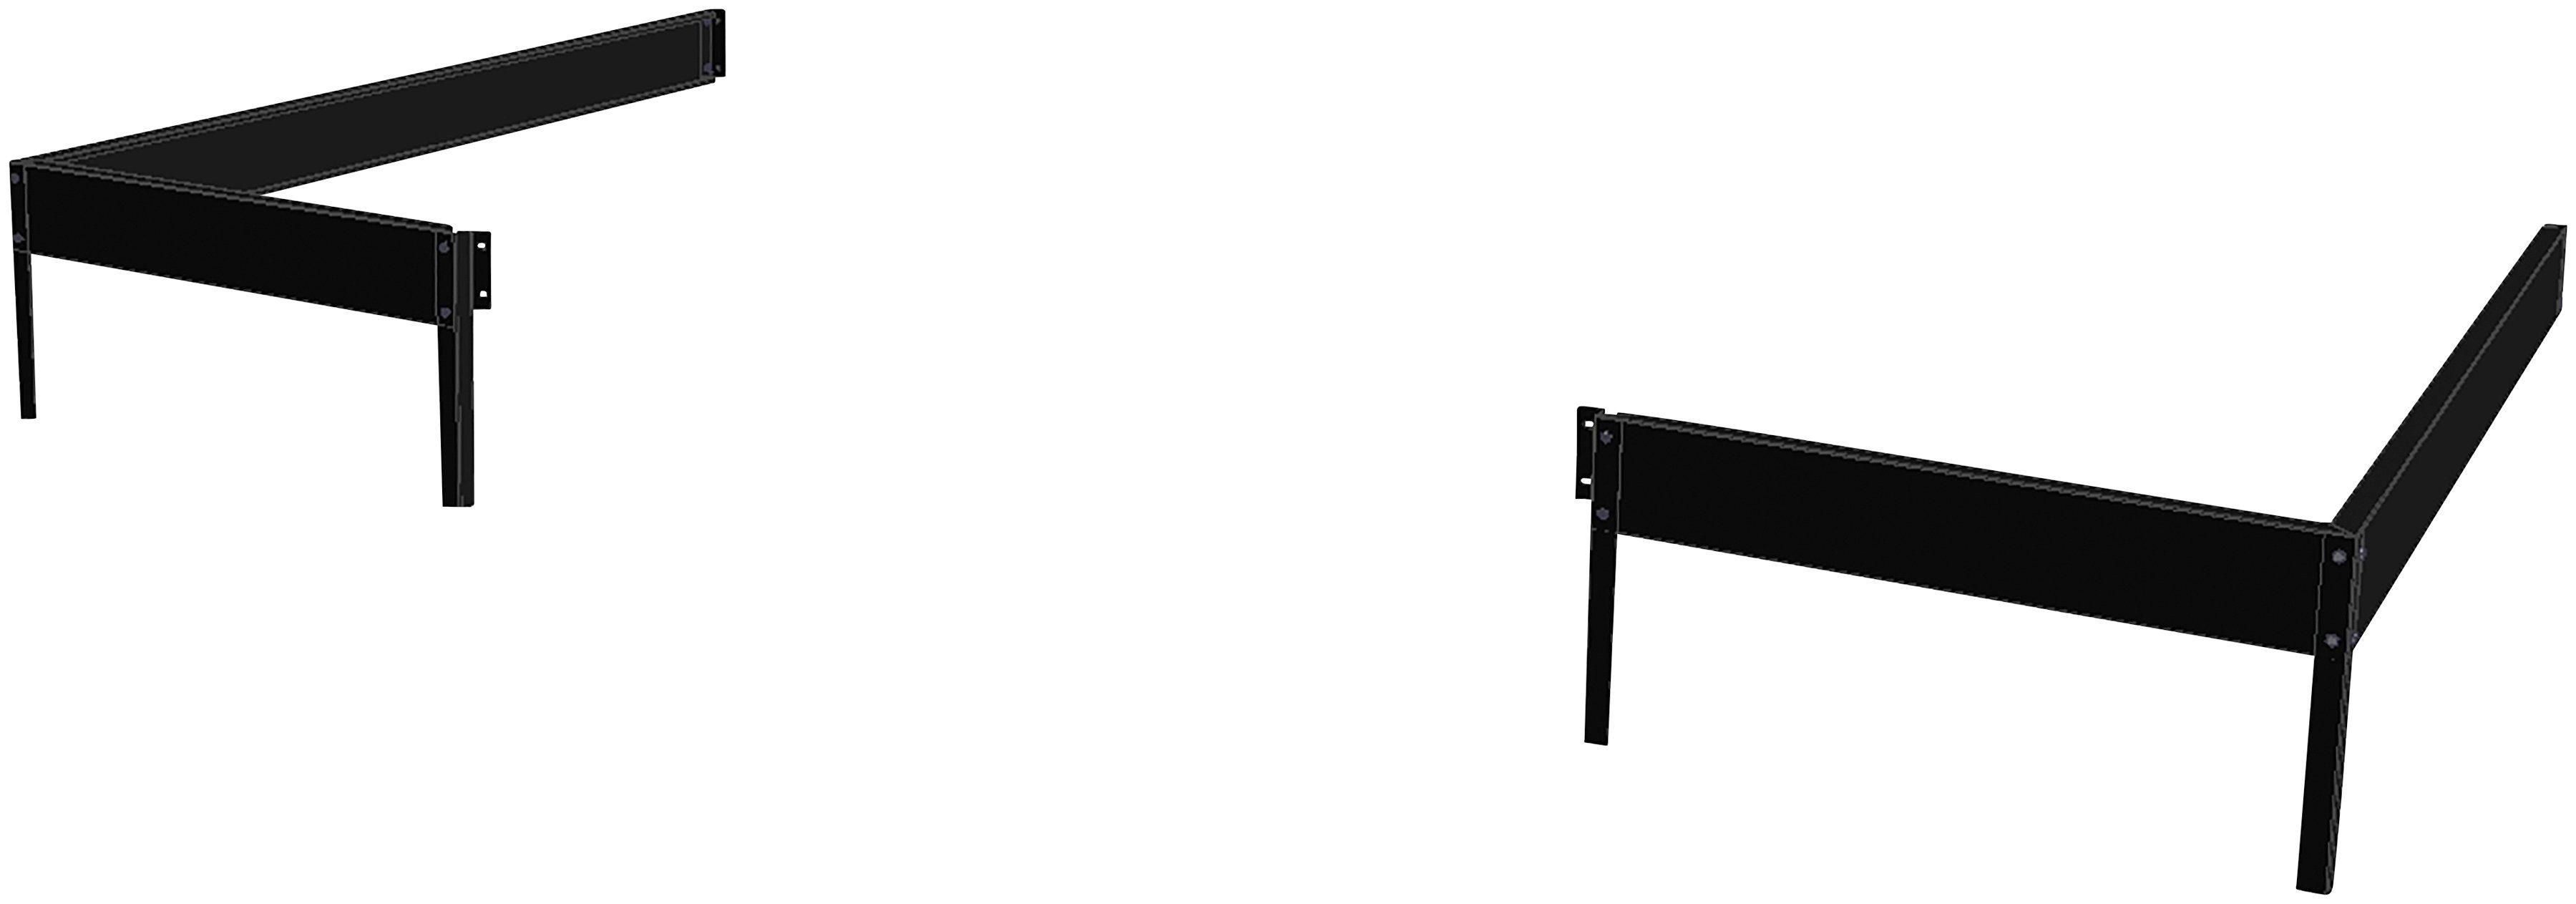 JULIANA Fundamentrahmen , BxL: 296x149 cm, für Gewächshaus »Veranda 4,4« schwarz